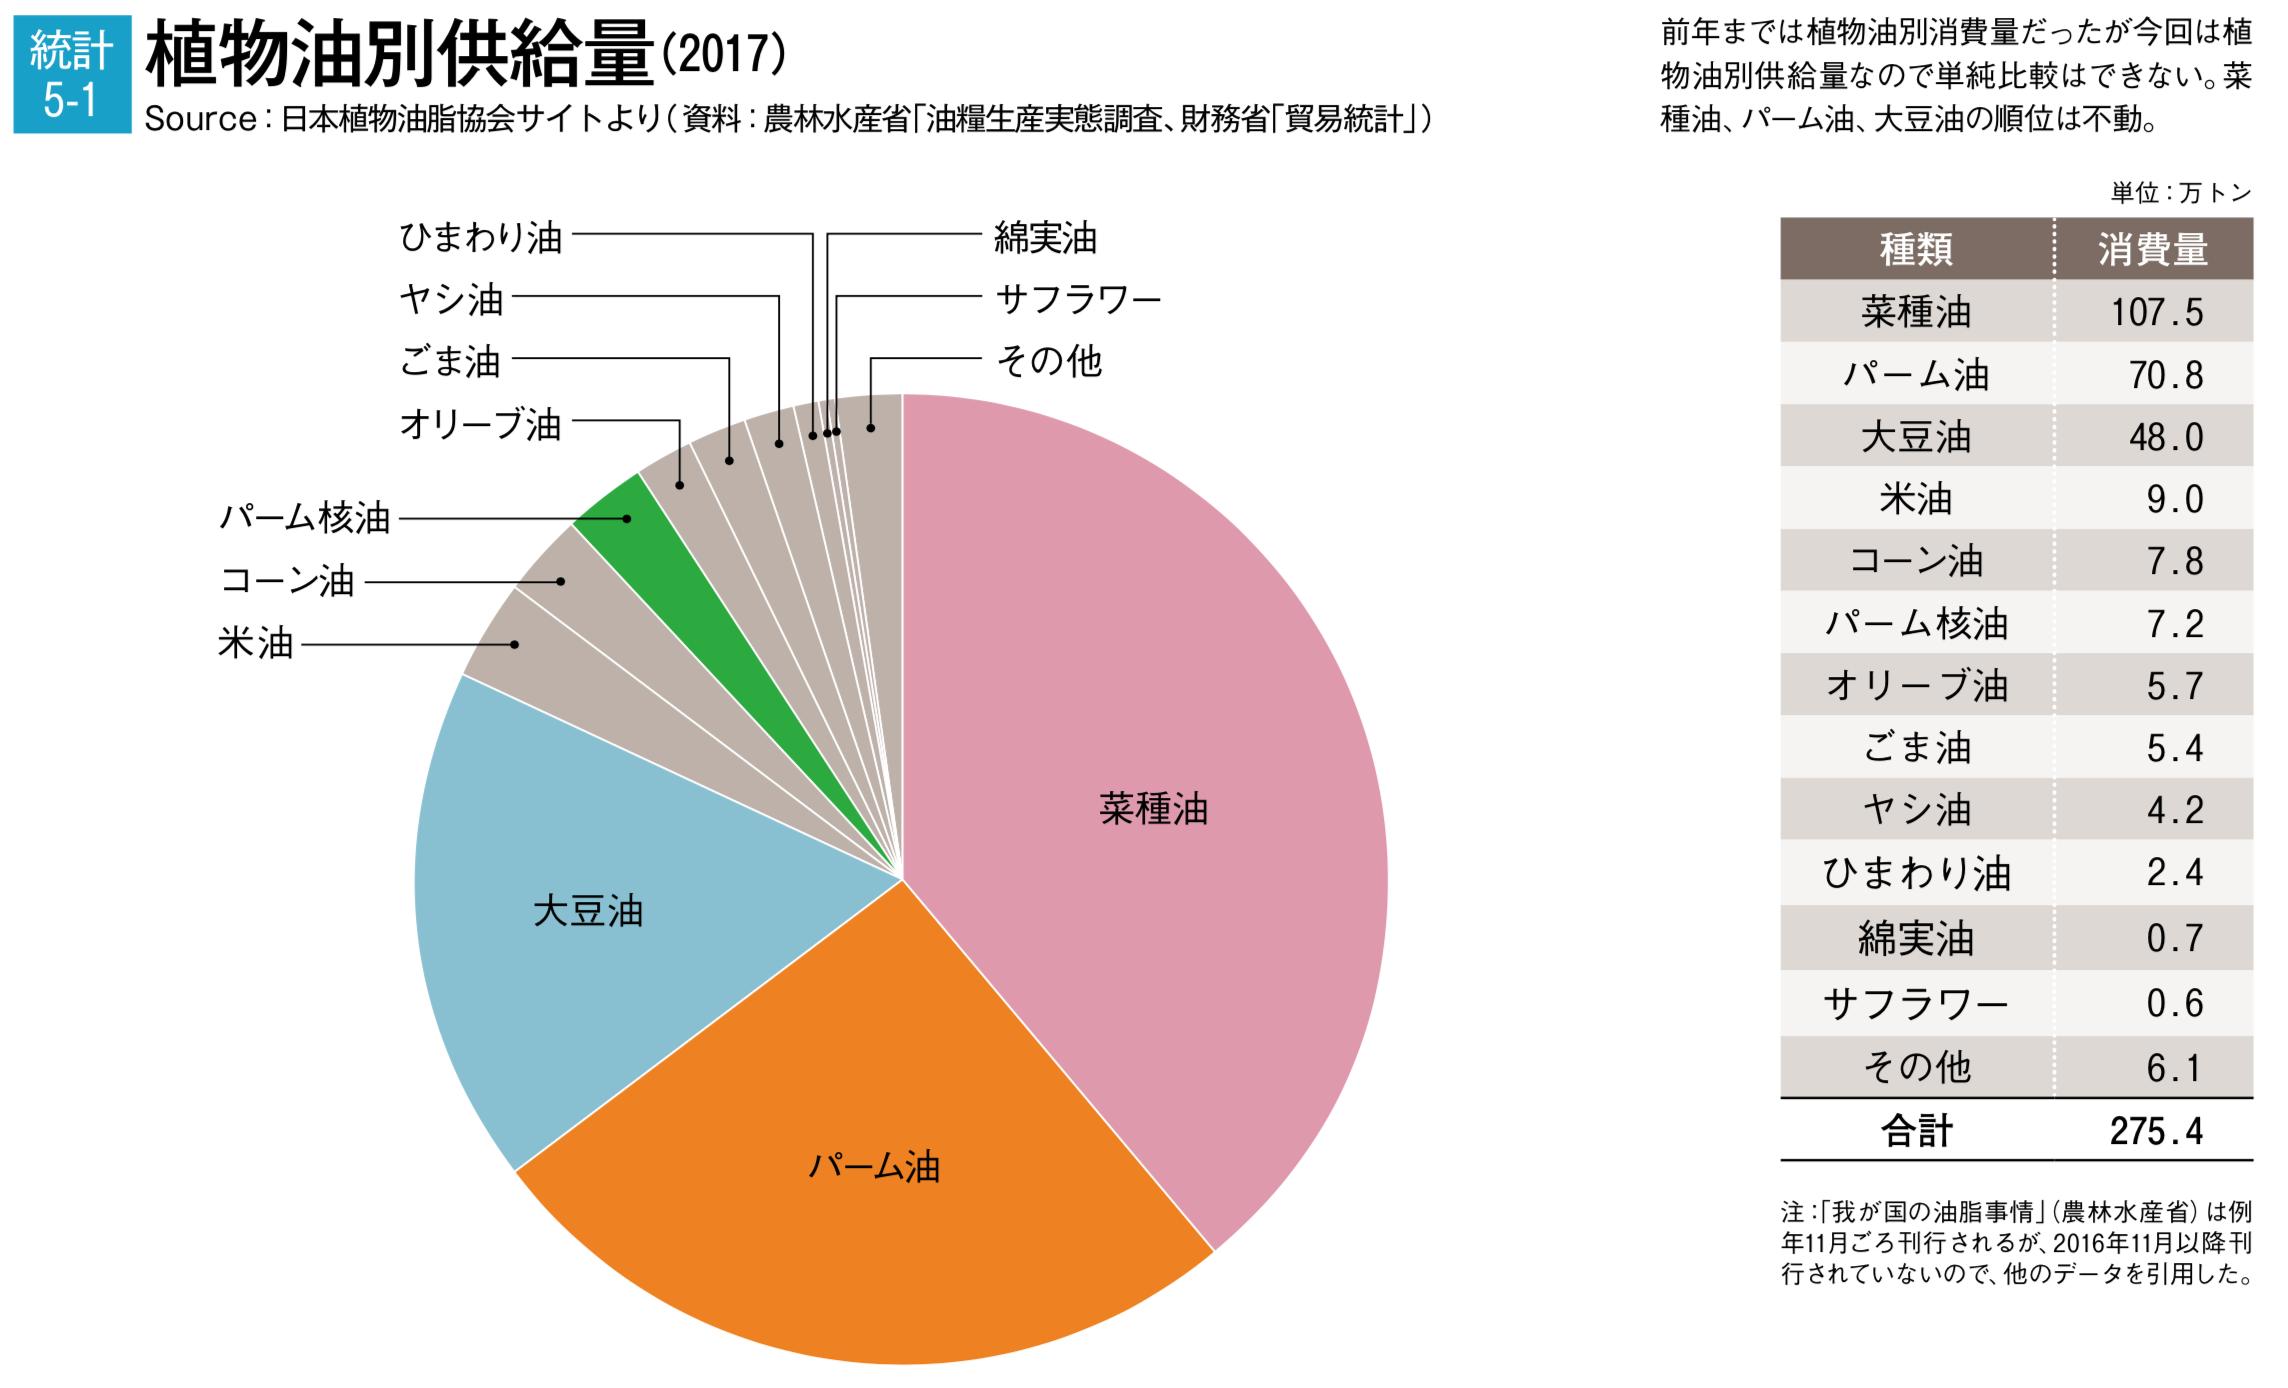 日本でのパーム油使用量(出典:パーム油白書2018)